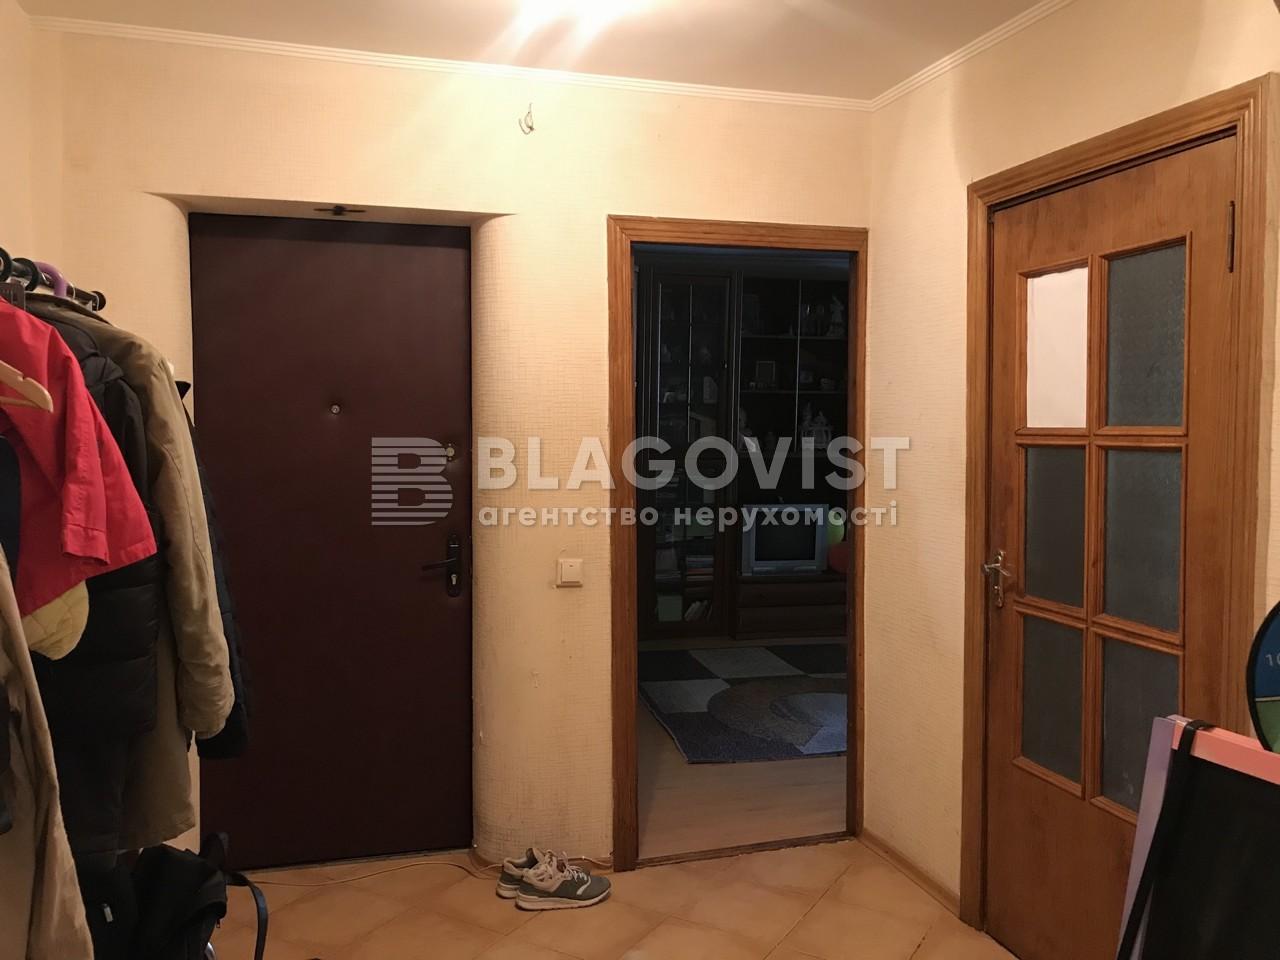 Квартира D-37188, Григоренко Петра просп., 39а, Киев - Фото 23